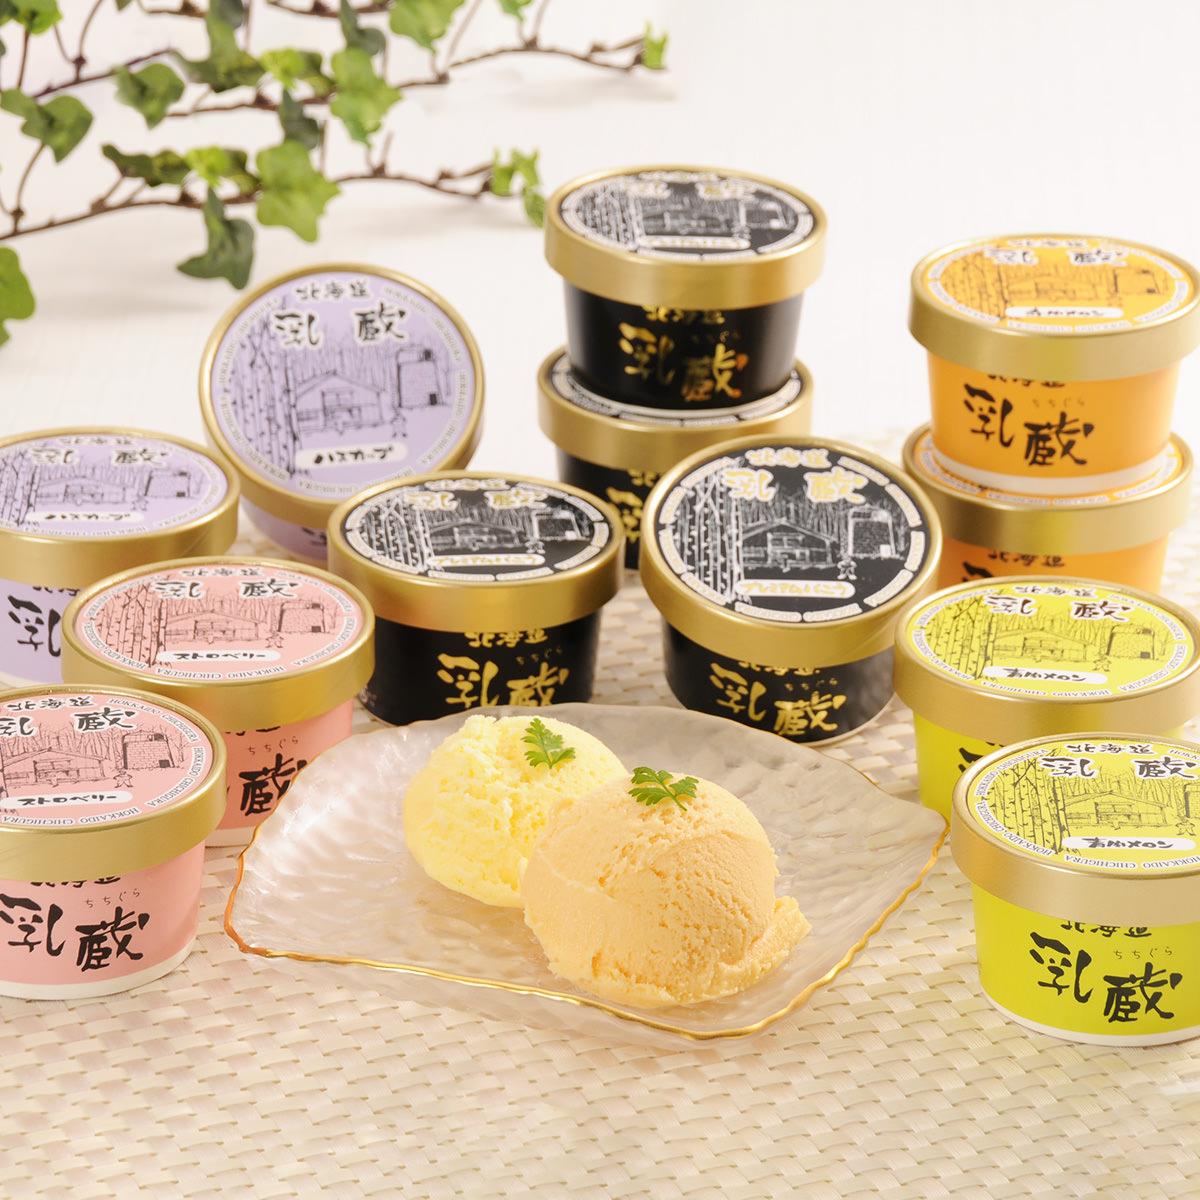 乳蔵北海道アイスクリーム 5種12個セット〔プレミアムバニラ×4・ハスカップほか4種×各2〕